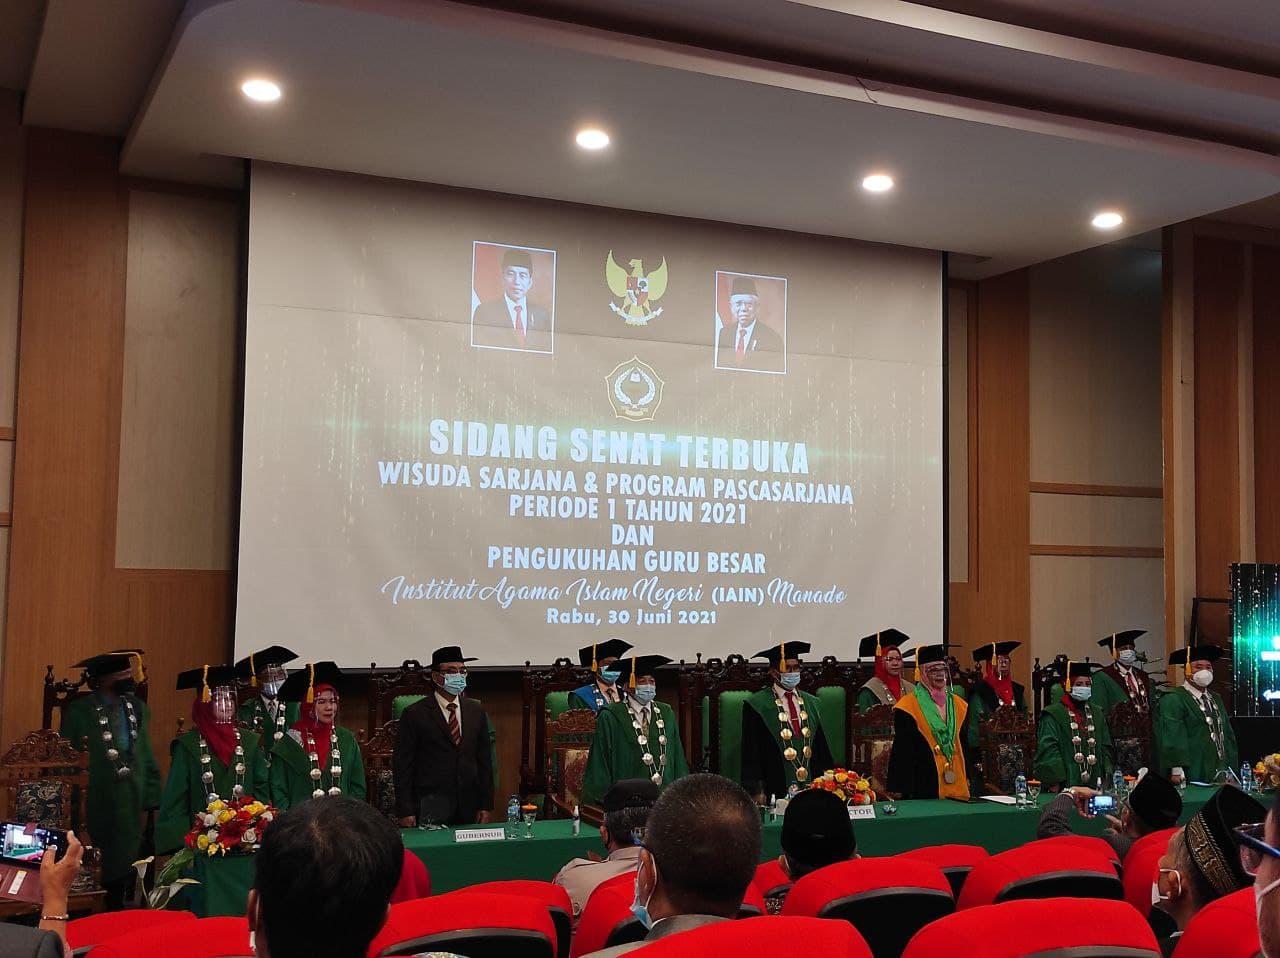 Wisuda Periode 1 Tahun 2021 FEBI IAIN Manado